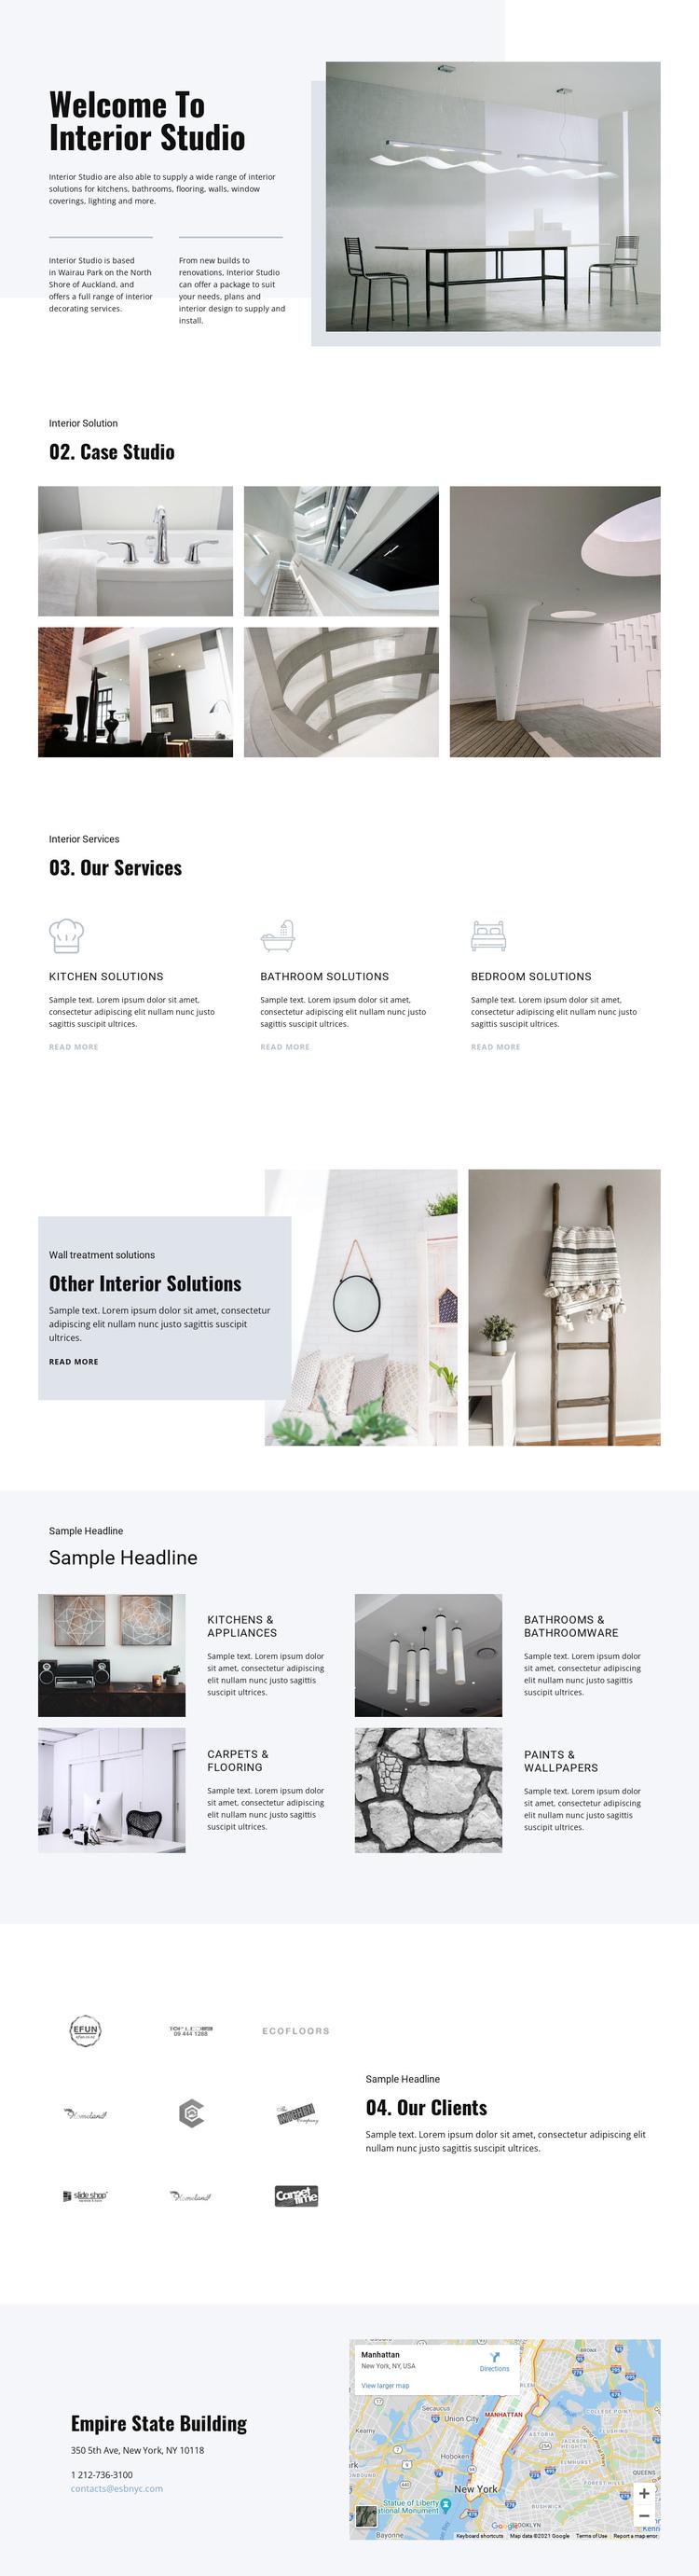 Welcome to interior studio Website Builder Software